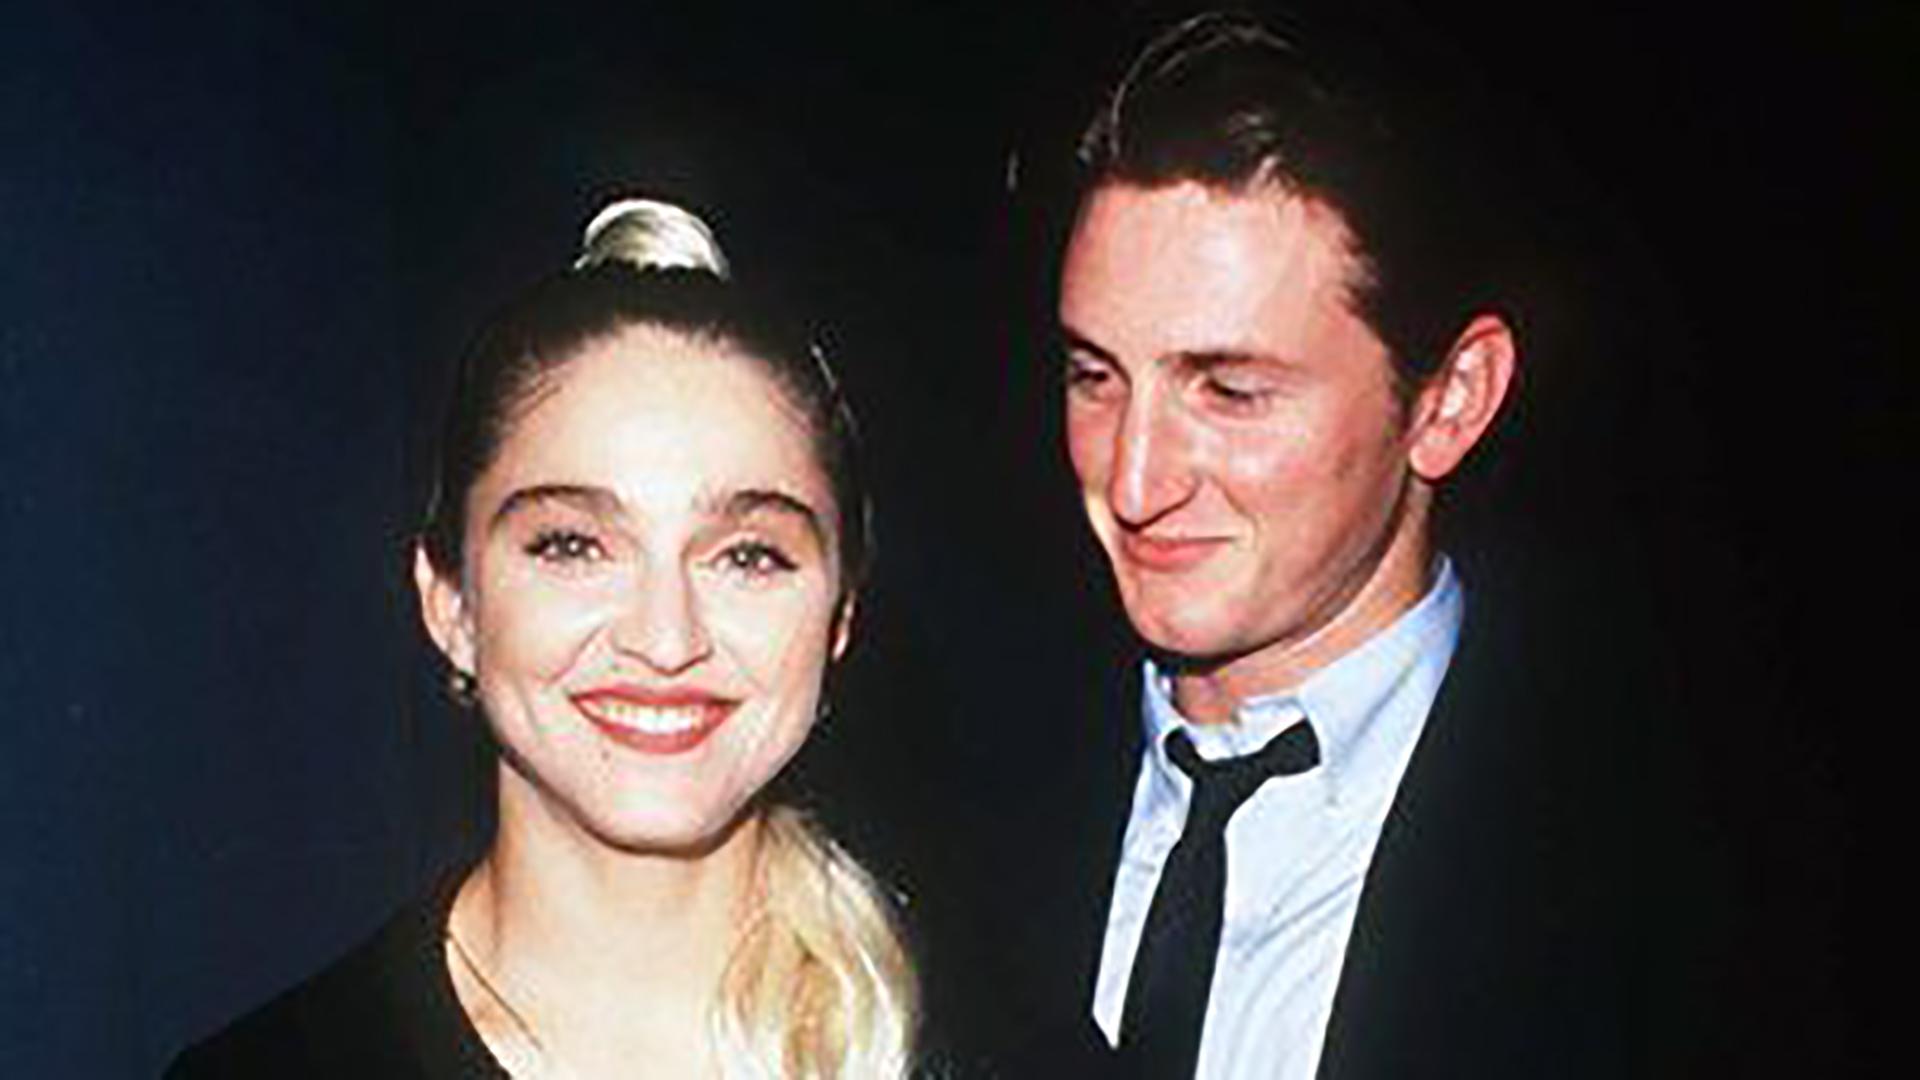 Madonna se casó con el actor Sean Penn el día de su cumpleaños 27 en una hermética ceremonia en Malibú